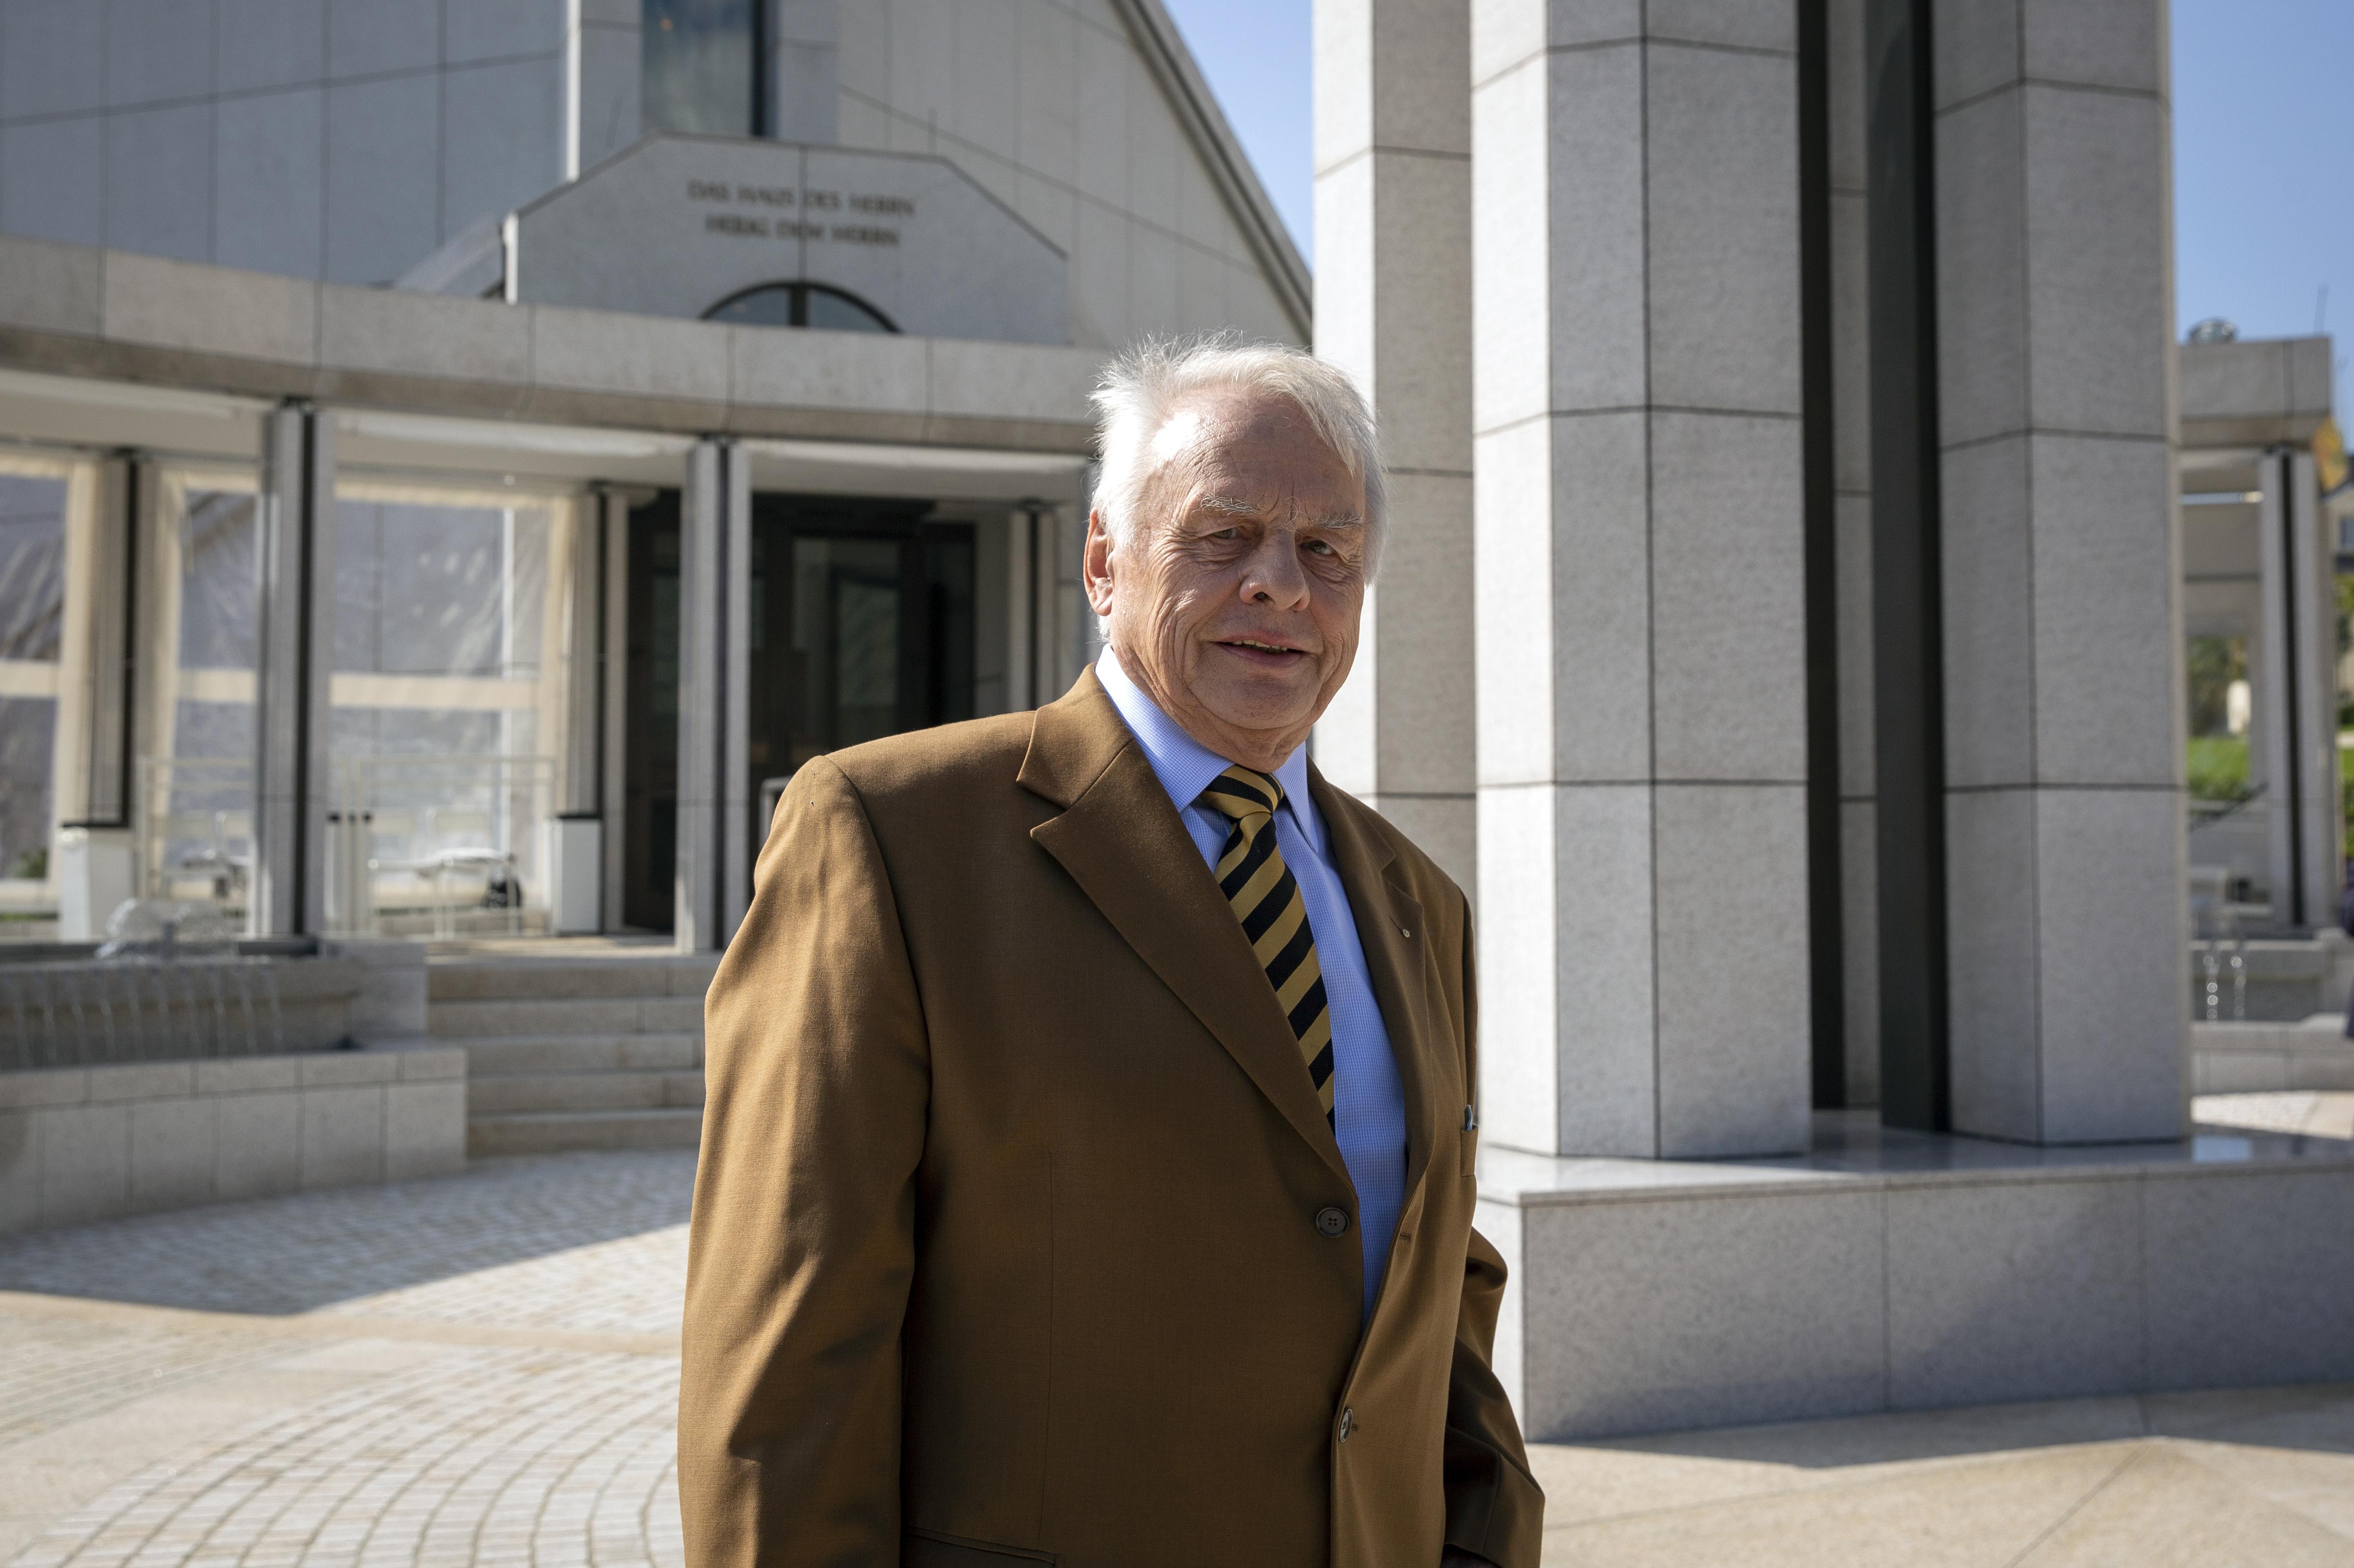 Karl Günther Petry, que serviu na Câmara Municipal de Friedrichsdorf por 51 anos, em frente ao Templo de Frankfurt em Friedrichsdorf, Alemanha, na terça-feira, 10 de setembro de 2019.